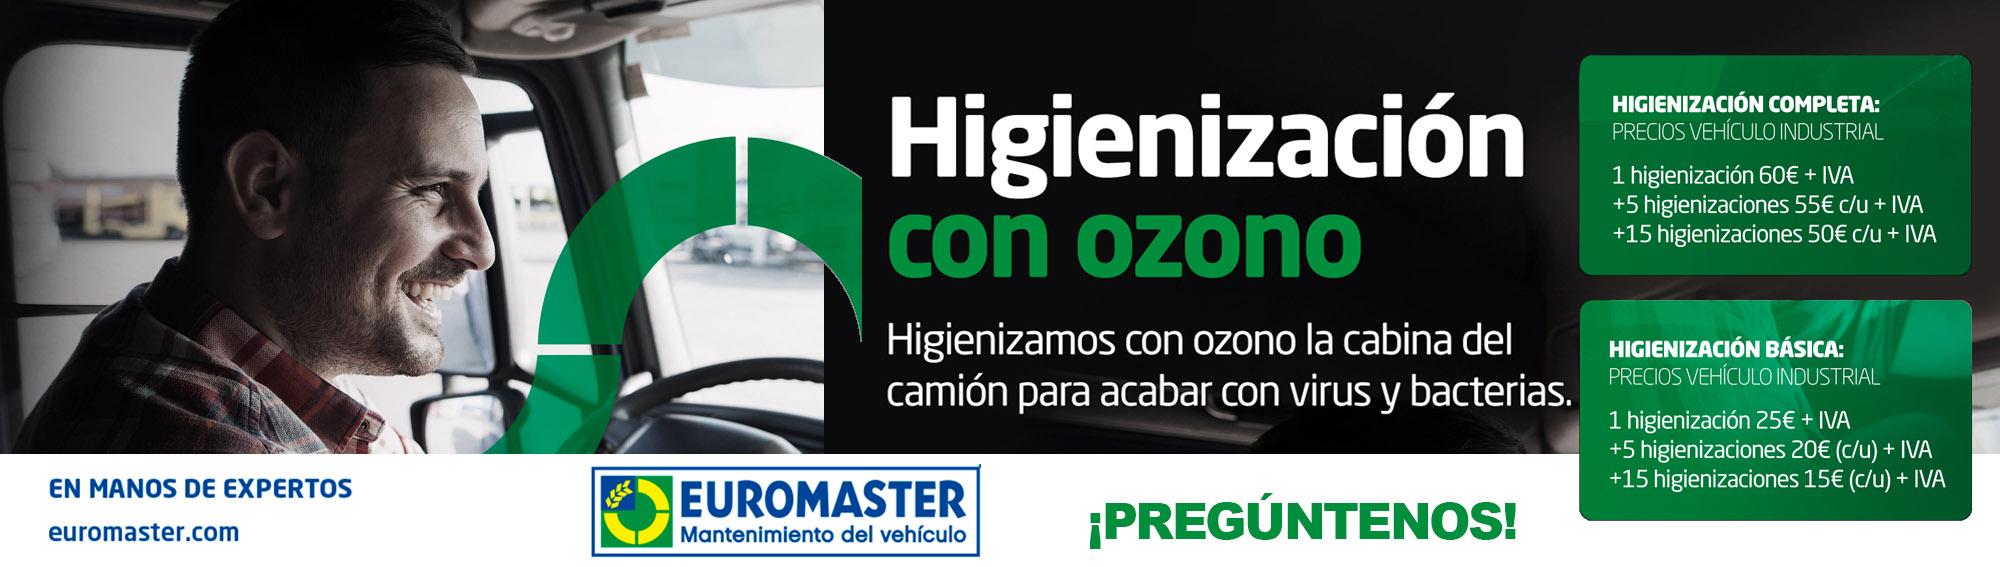 Higienización con ozono